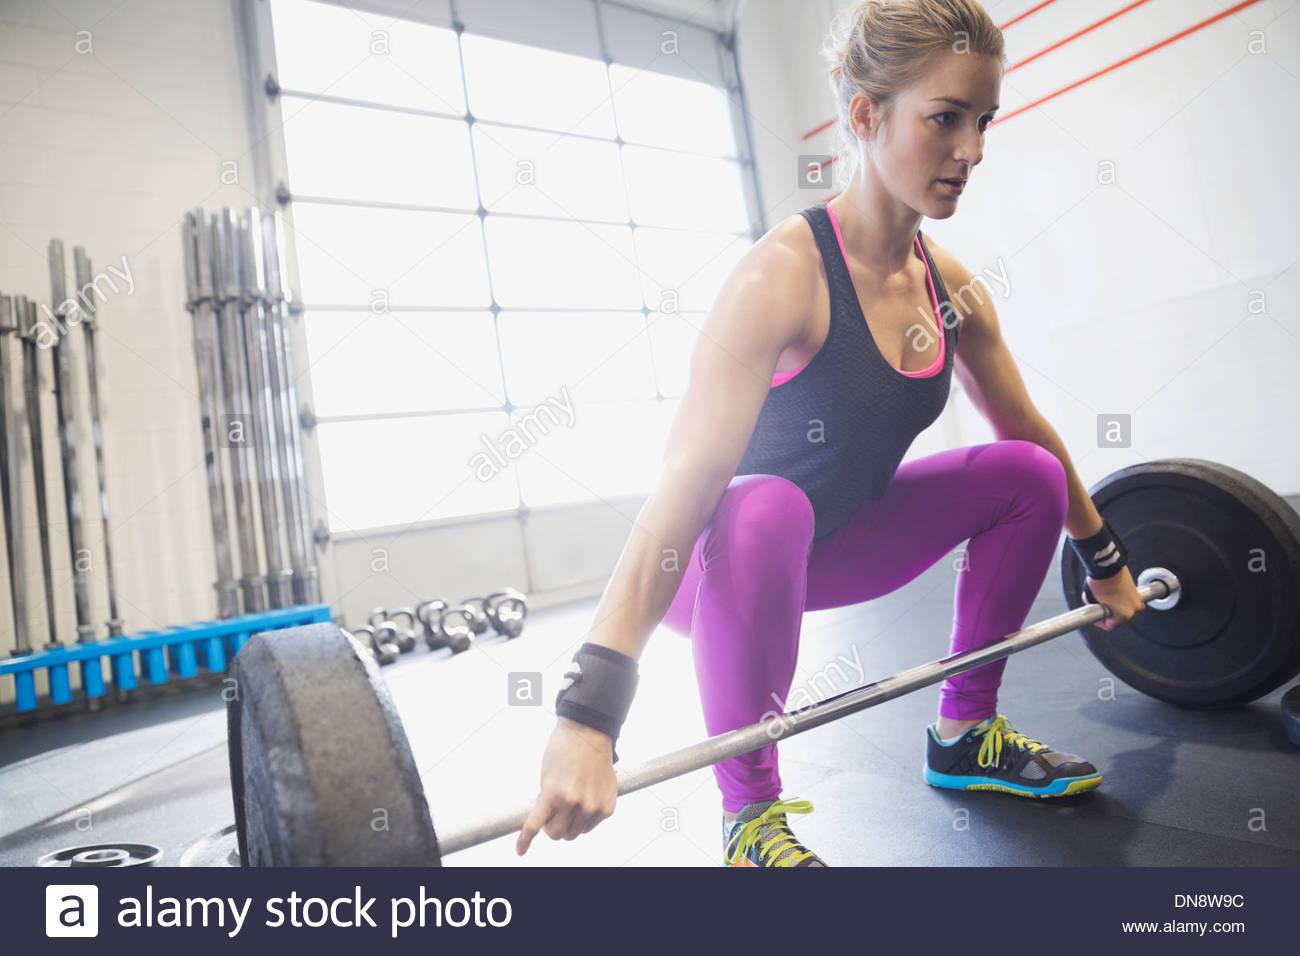 Mujer practicando deadlifts Imagen De Stock